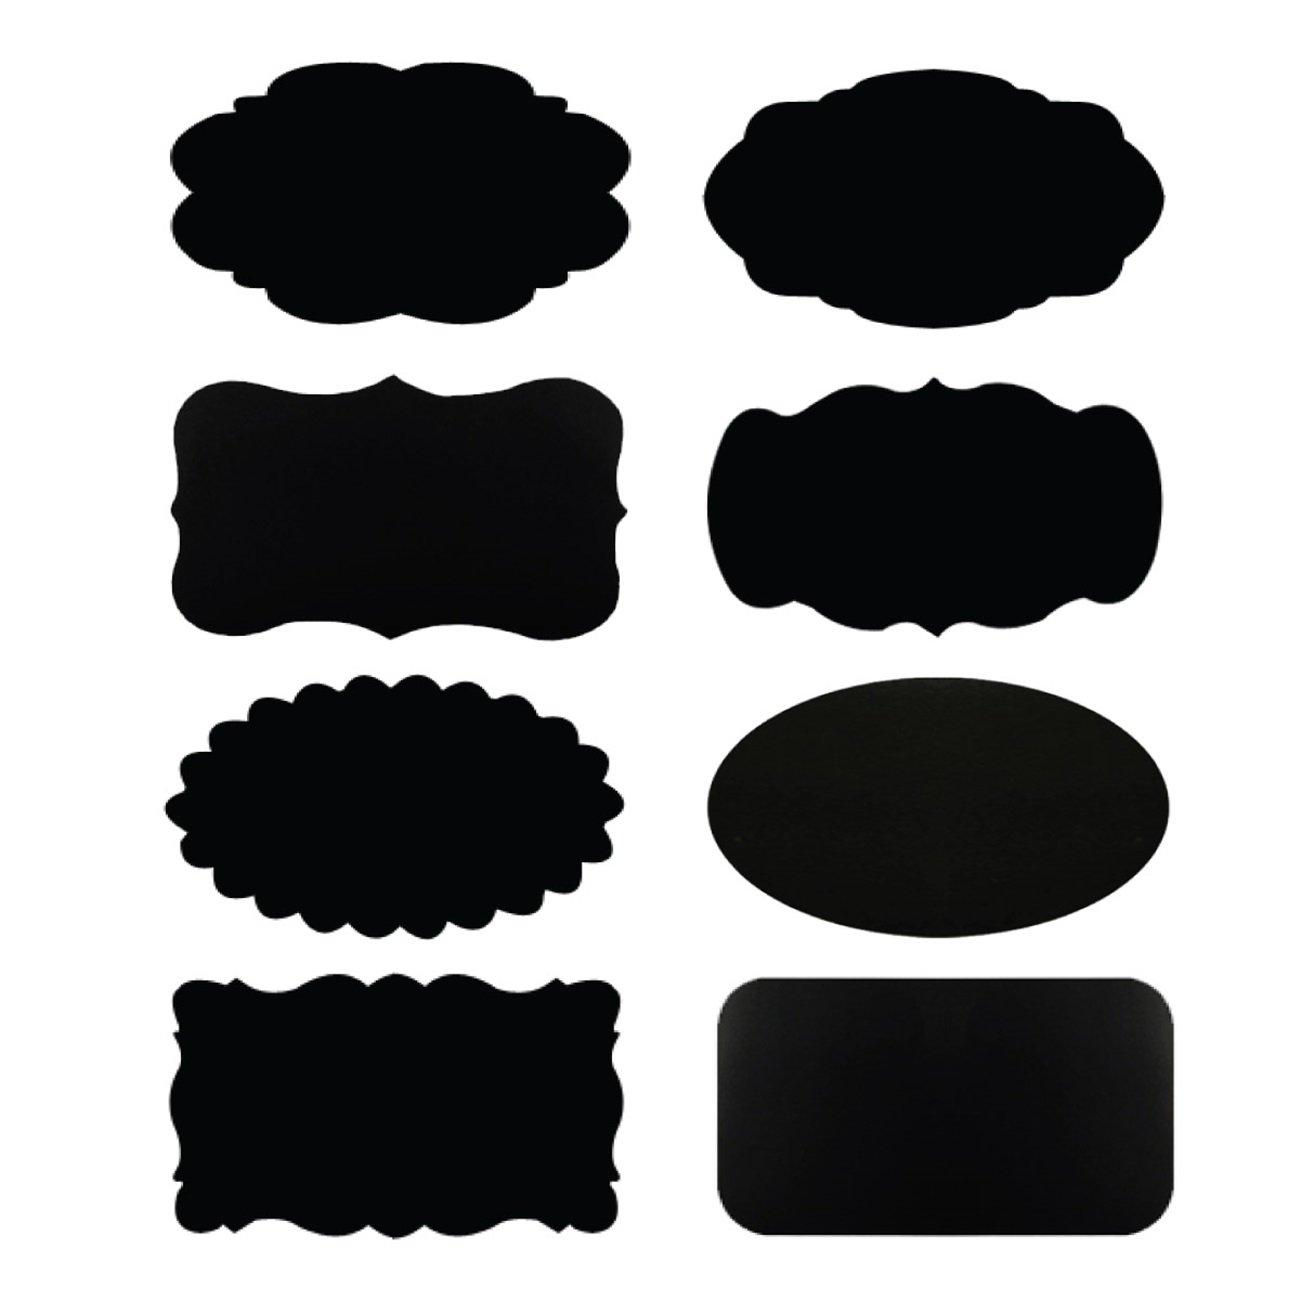 【正規販売店】 Wrapables黒板ラベル/黒板ステッカーの整理、ラベリング、ギフトタグ、Drink/ワインマーカーandや結婚式のセット64 B00WN8HYOW、2 x